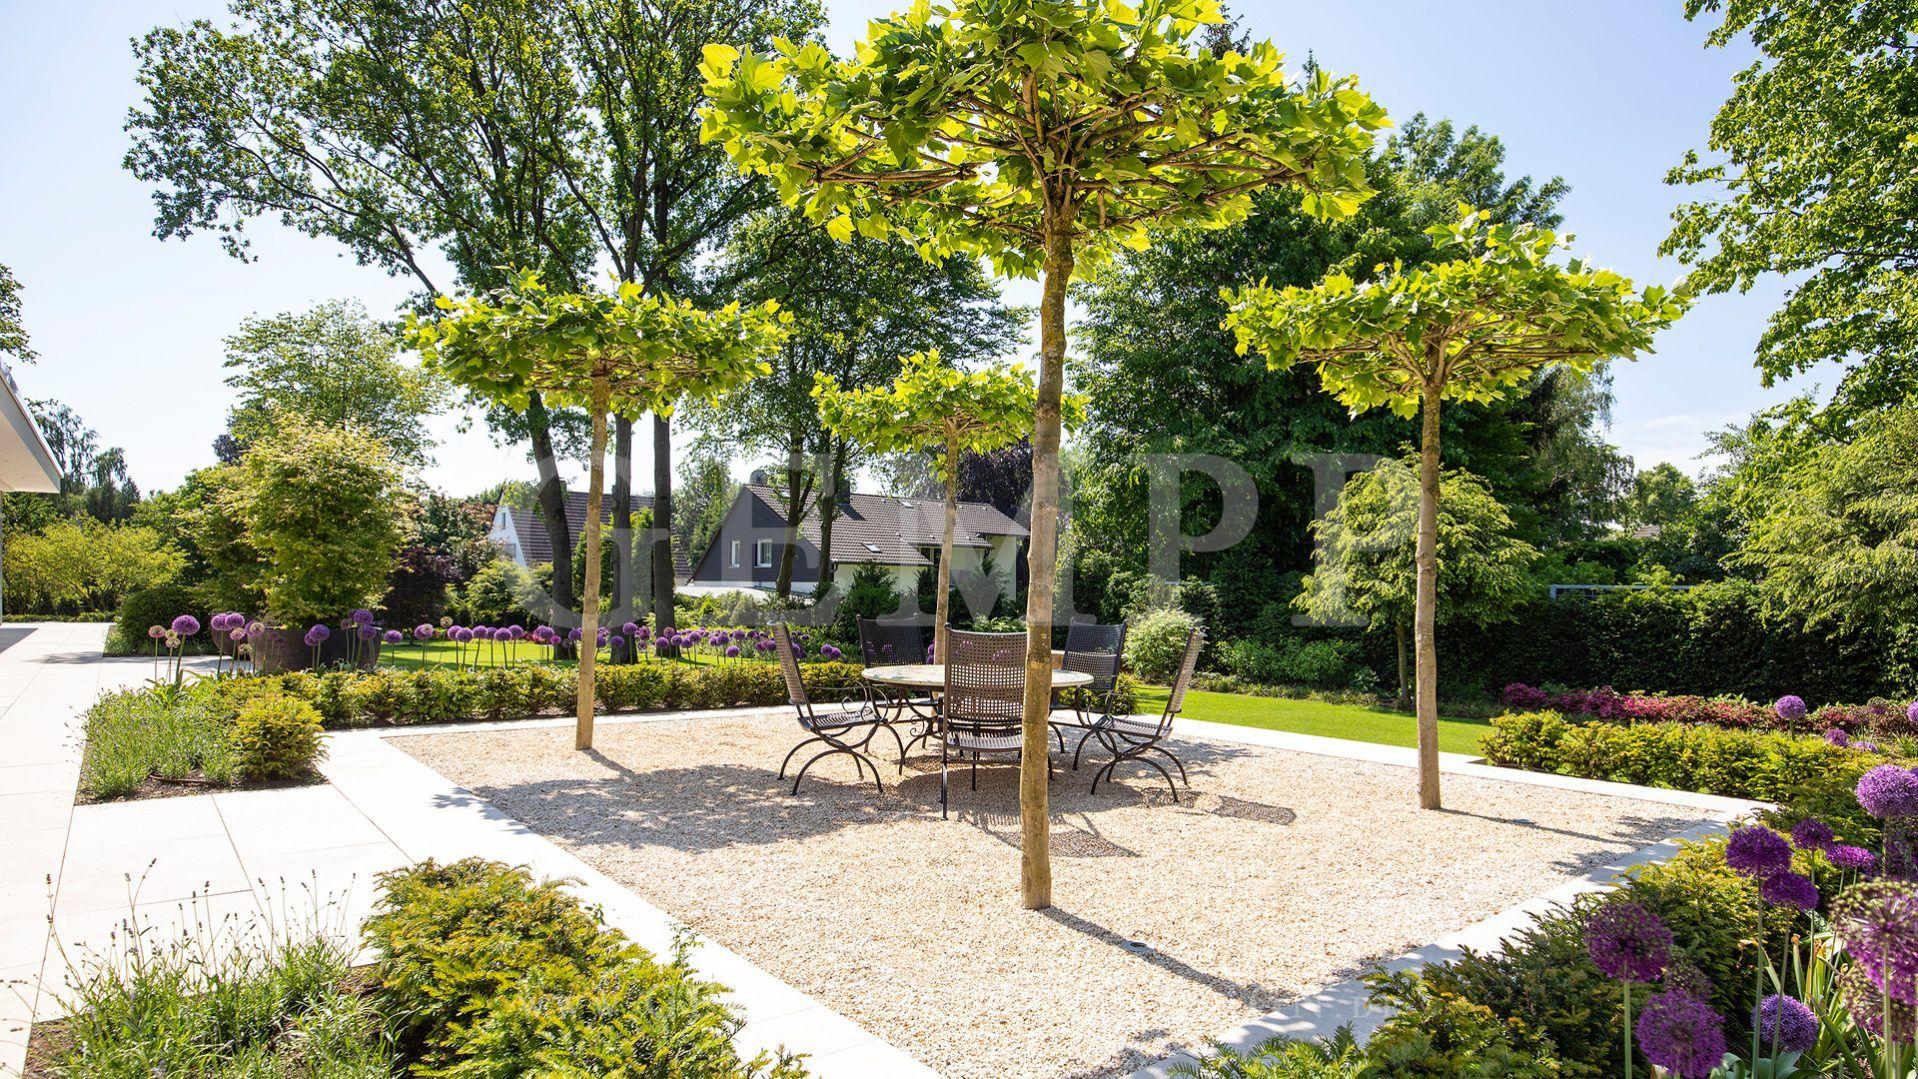 Architekten Bautrager Immobilienmakler Gempp Gartendesign Garten Landschaftsbau Landschaftsbau Gartenbau